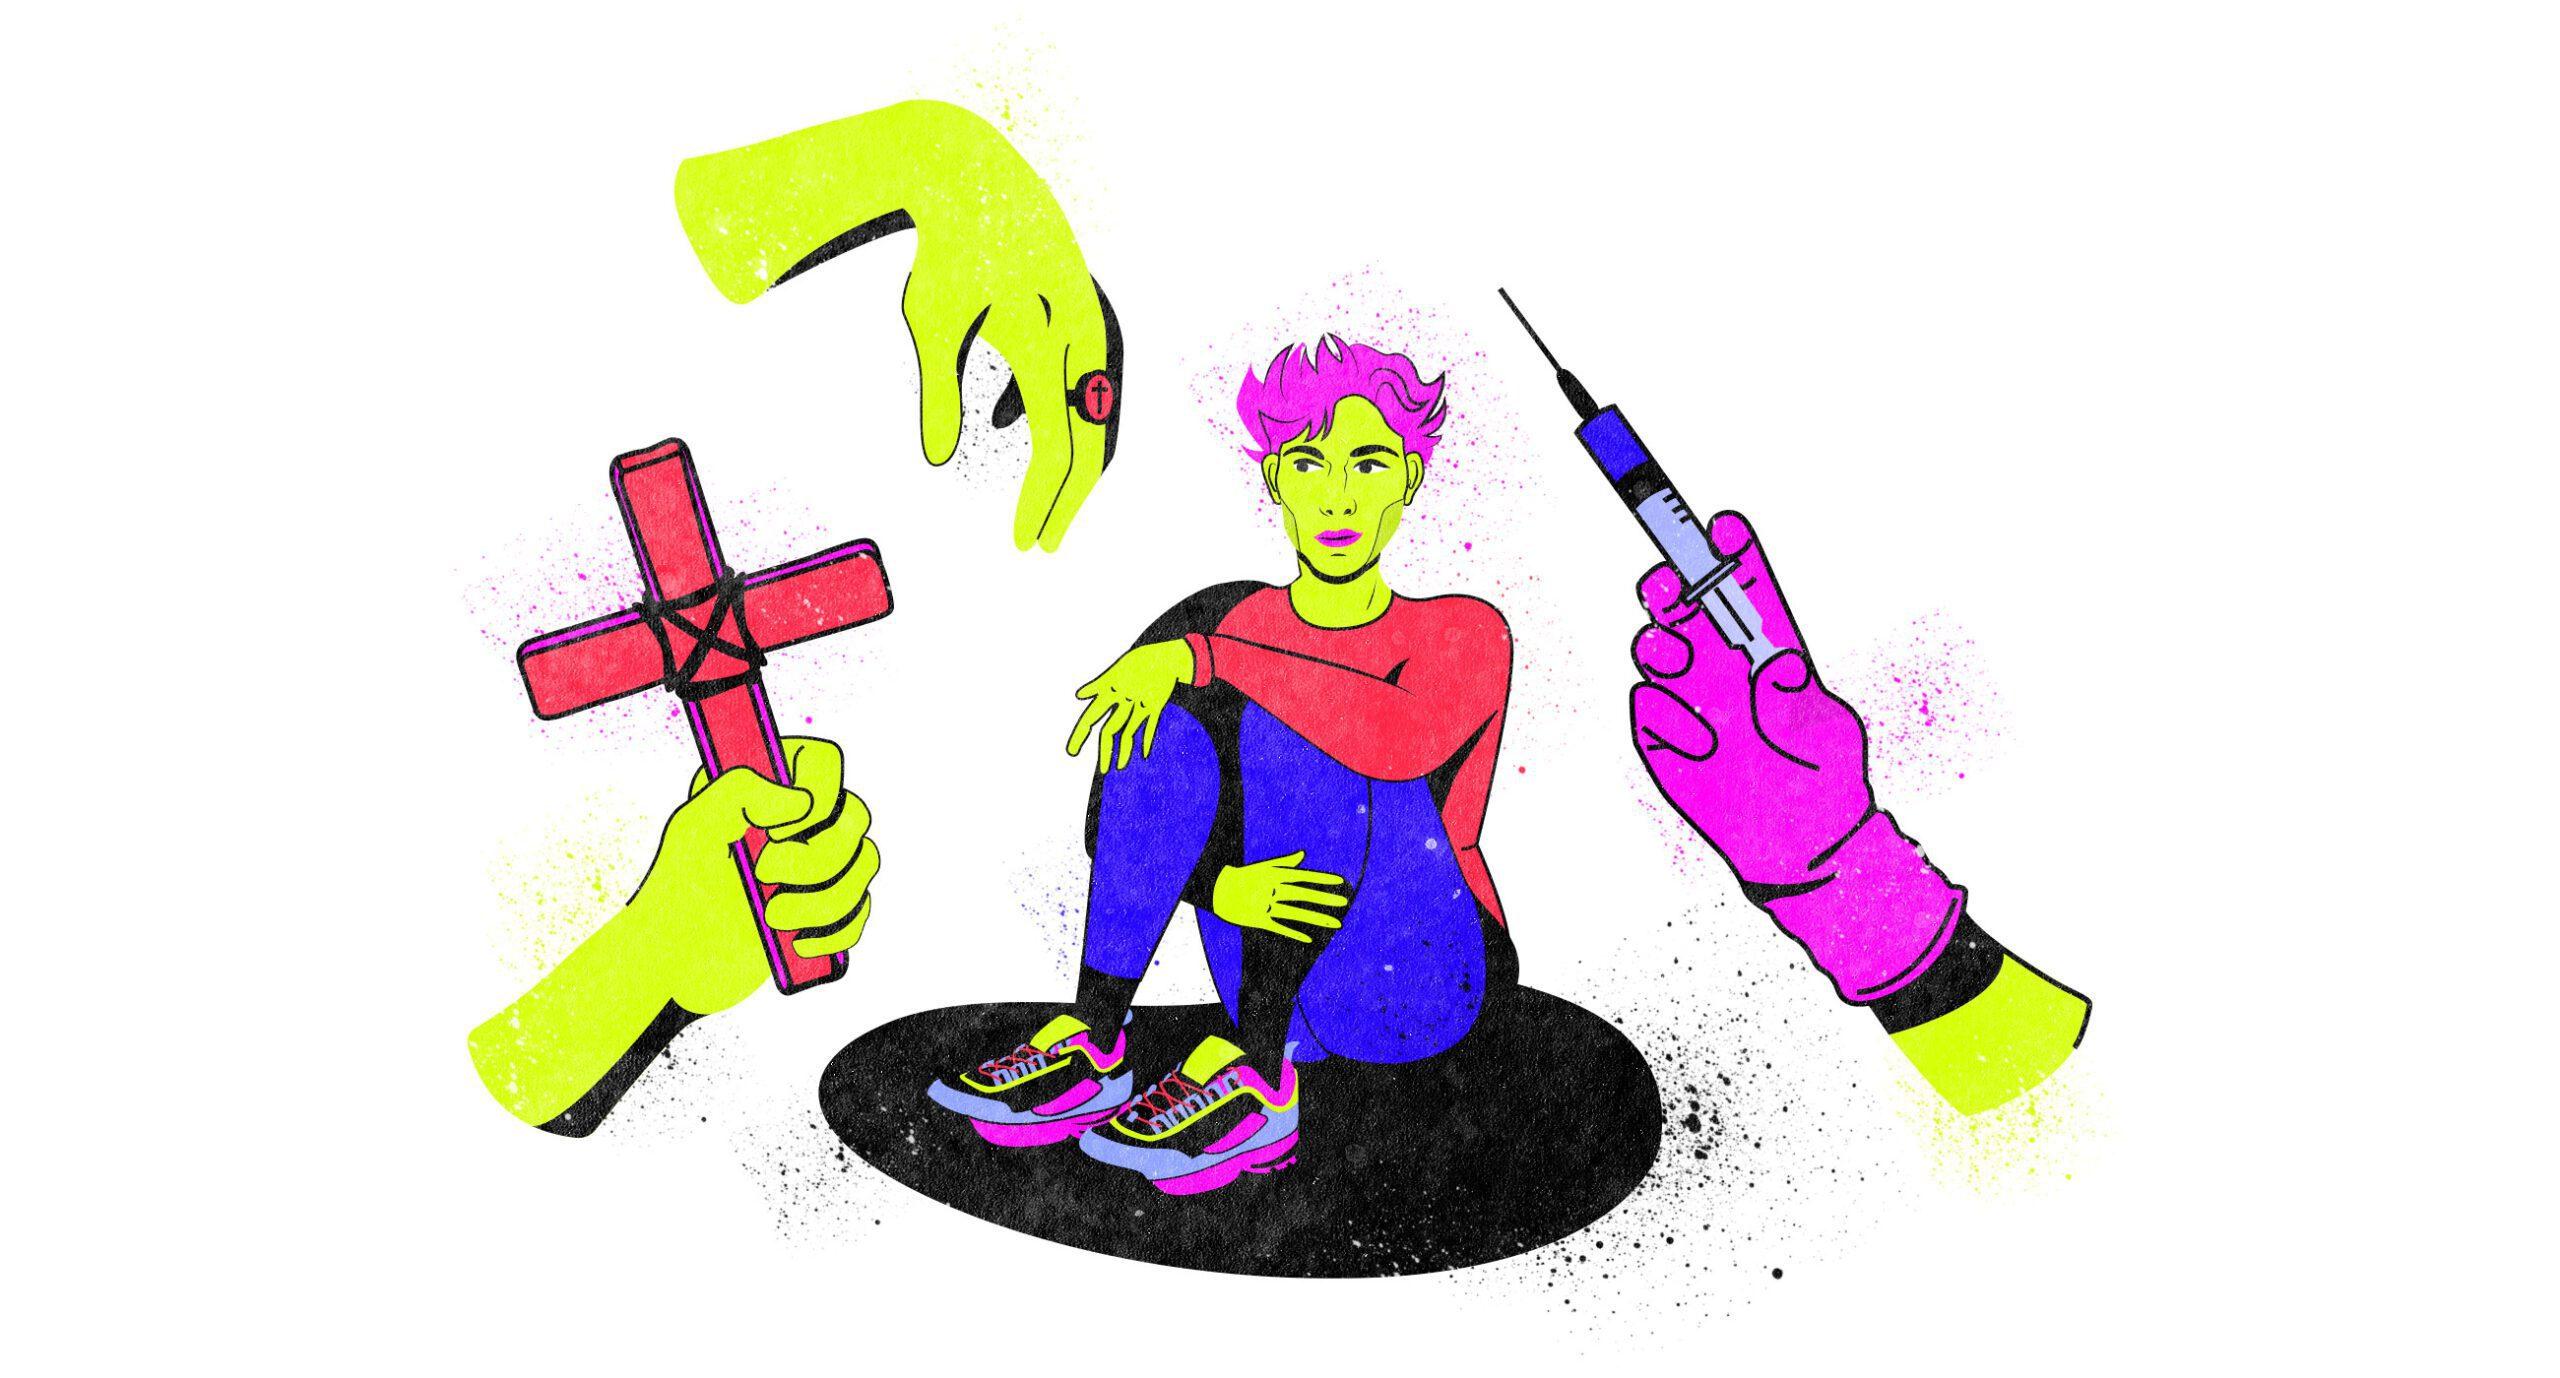 Як із геїв намагаються зробити «нормальних» в Україні. Розслідування Заборони